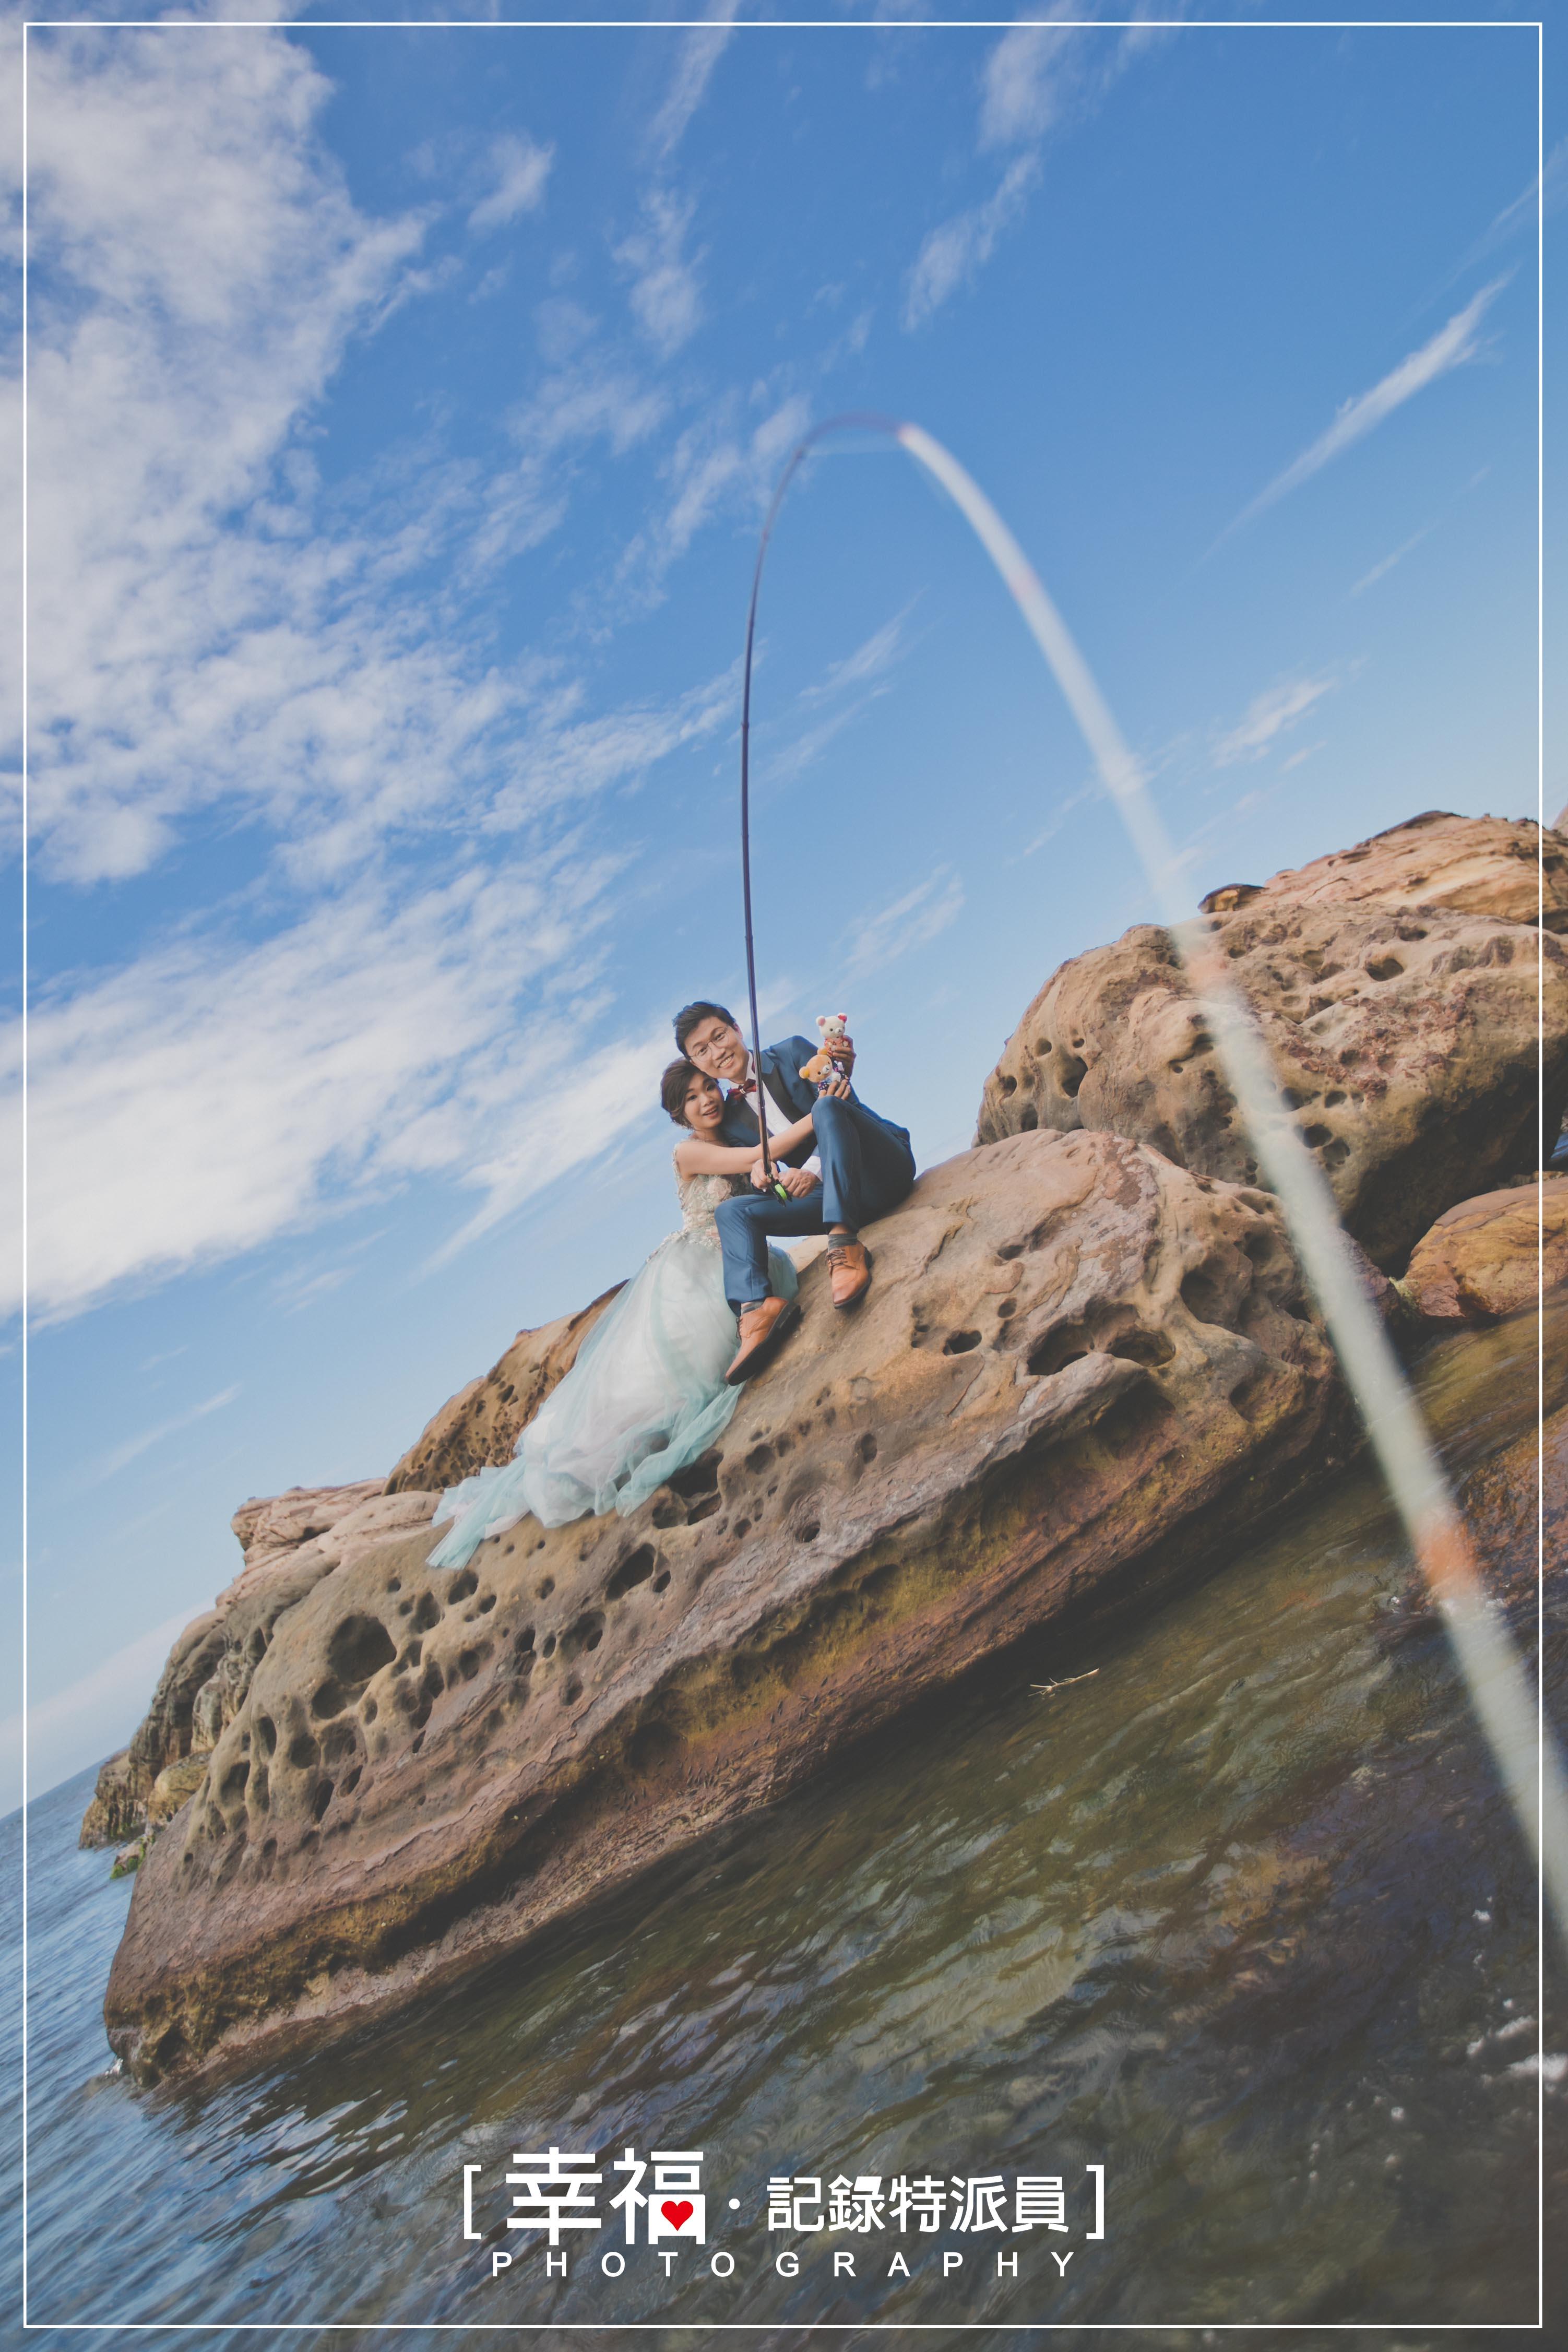 【婚紗攝影】南雅奇岩釣魚趣